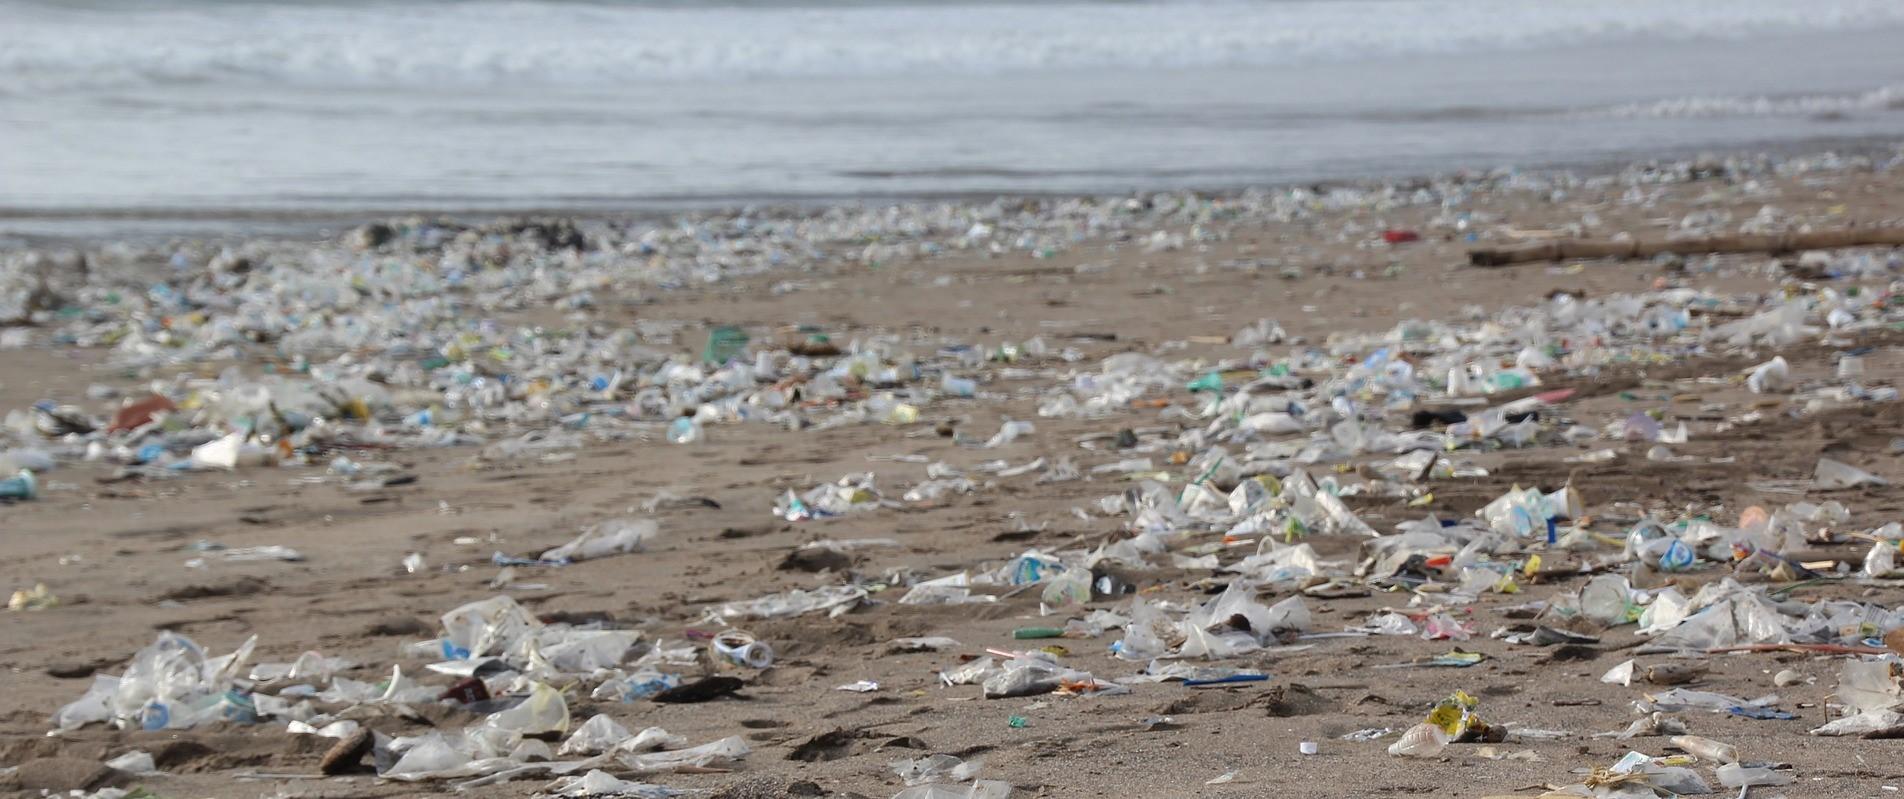 Contaminacion plasticos mares